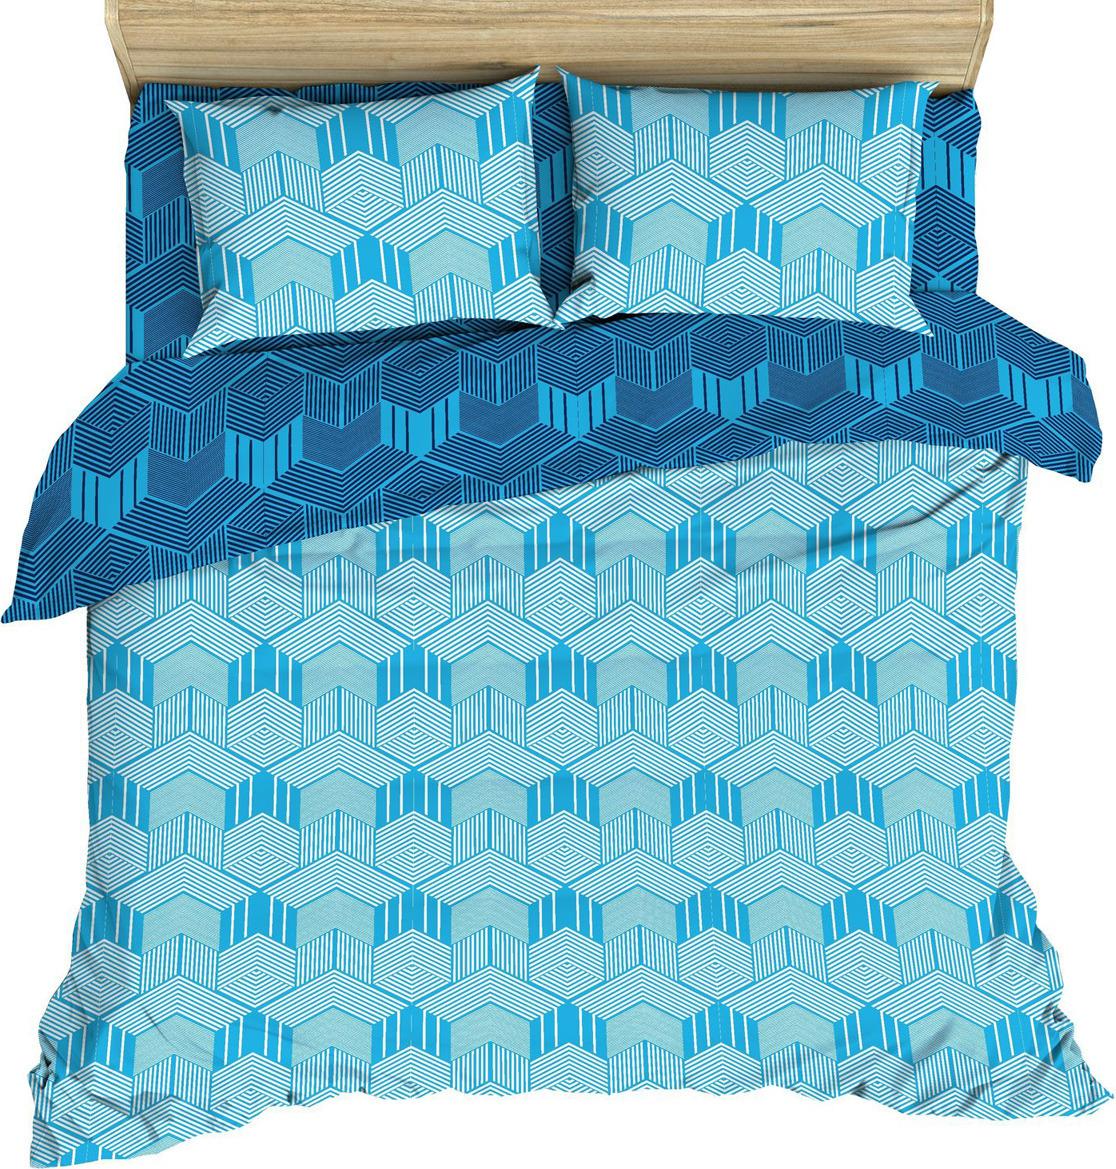 Комплект постельного белья Василиса, 185625, 2-х спальный, наволочки 70x70, голубой комплект постельного белья василиса 185625 2 х спальный наволочки 70x70 голубой